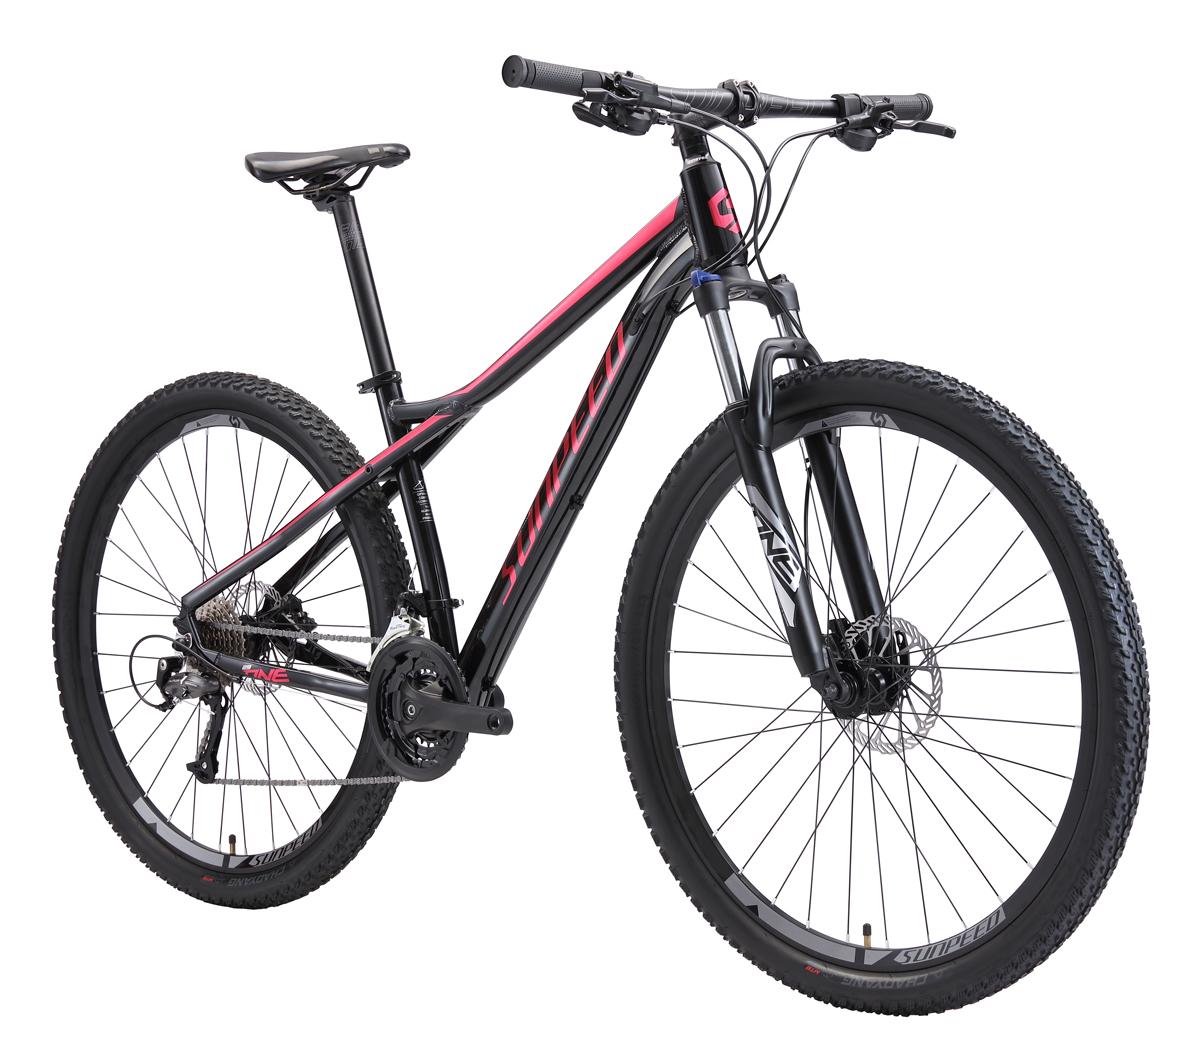 2020 नई लिस्टिंग चक्र 29er एमटीबी साइकिल 27.5 इंच 27 गति एल्यूमीनियम पहाड़ बाइक